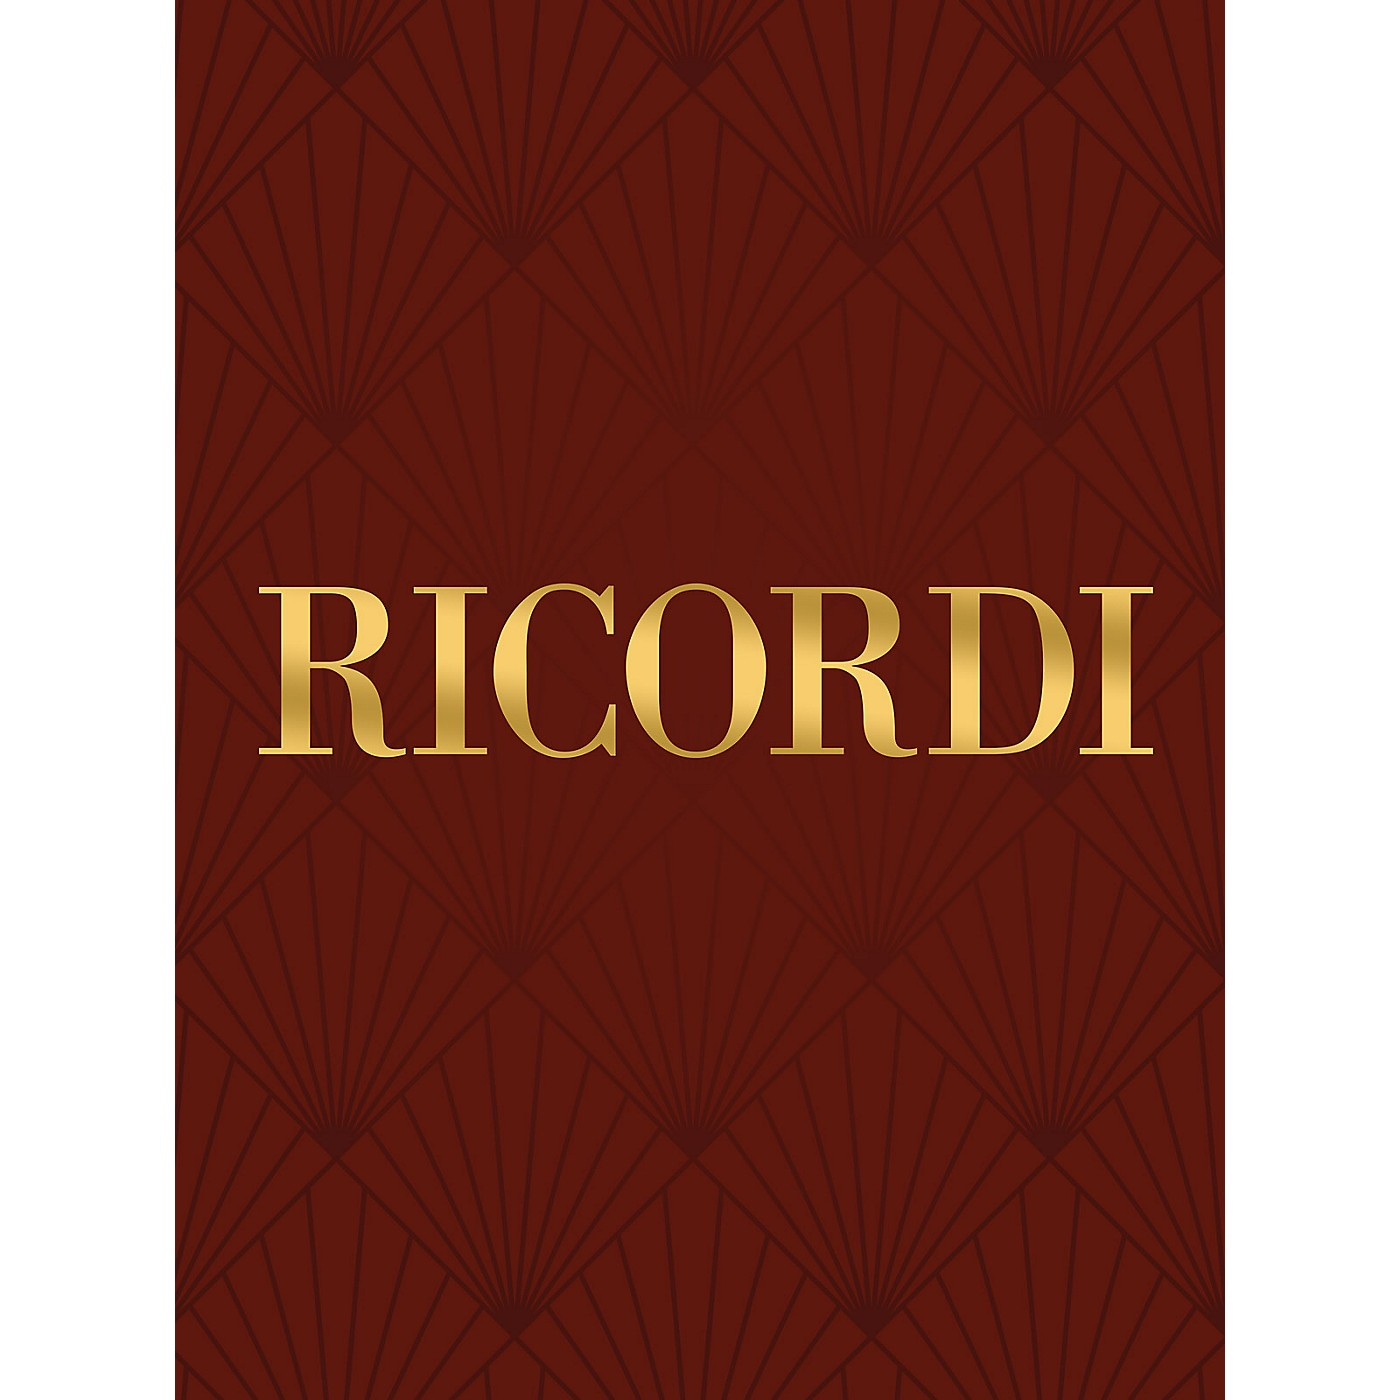 Ricordi 16 Studi Di Agilita Per Le Piccole Mani (Piano Method) Piano Method Series Composed by Ettore Pozzoli thumbnail